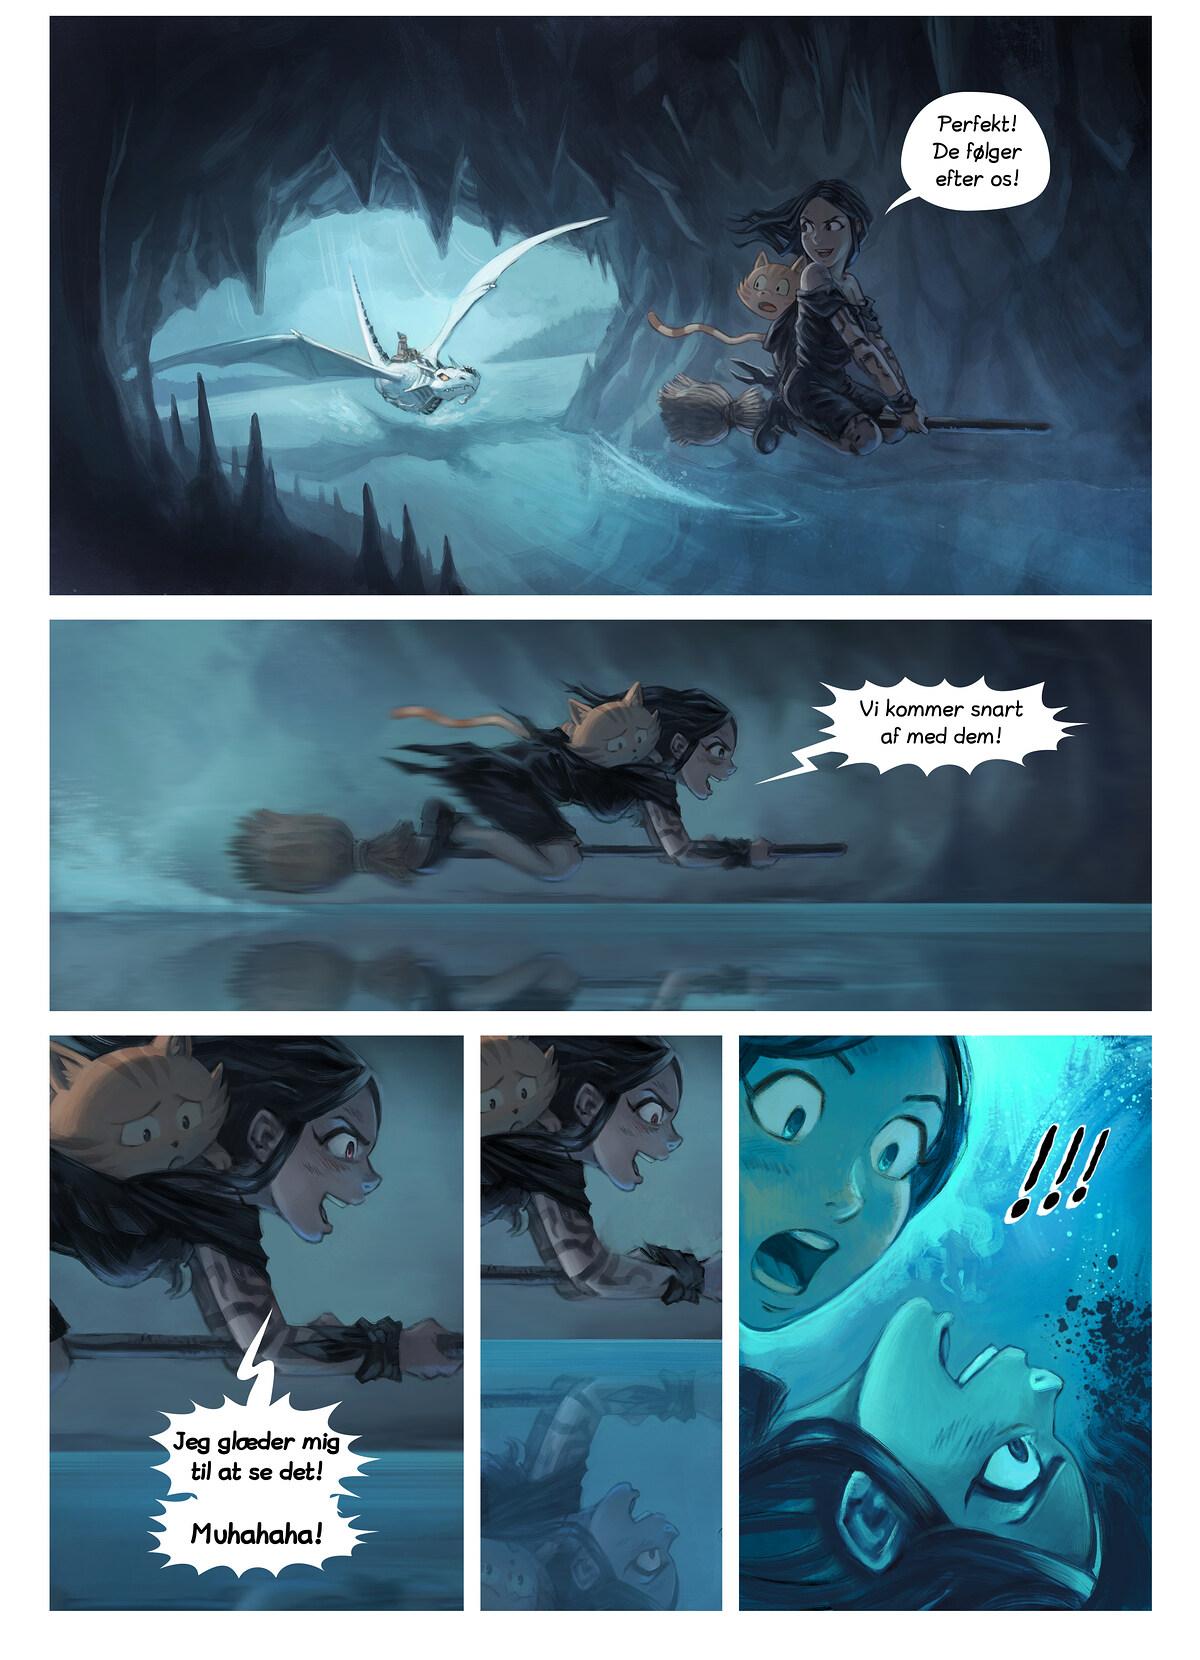 Episode 35: Spejlbilledet, Page 7